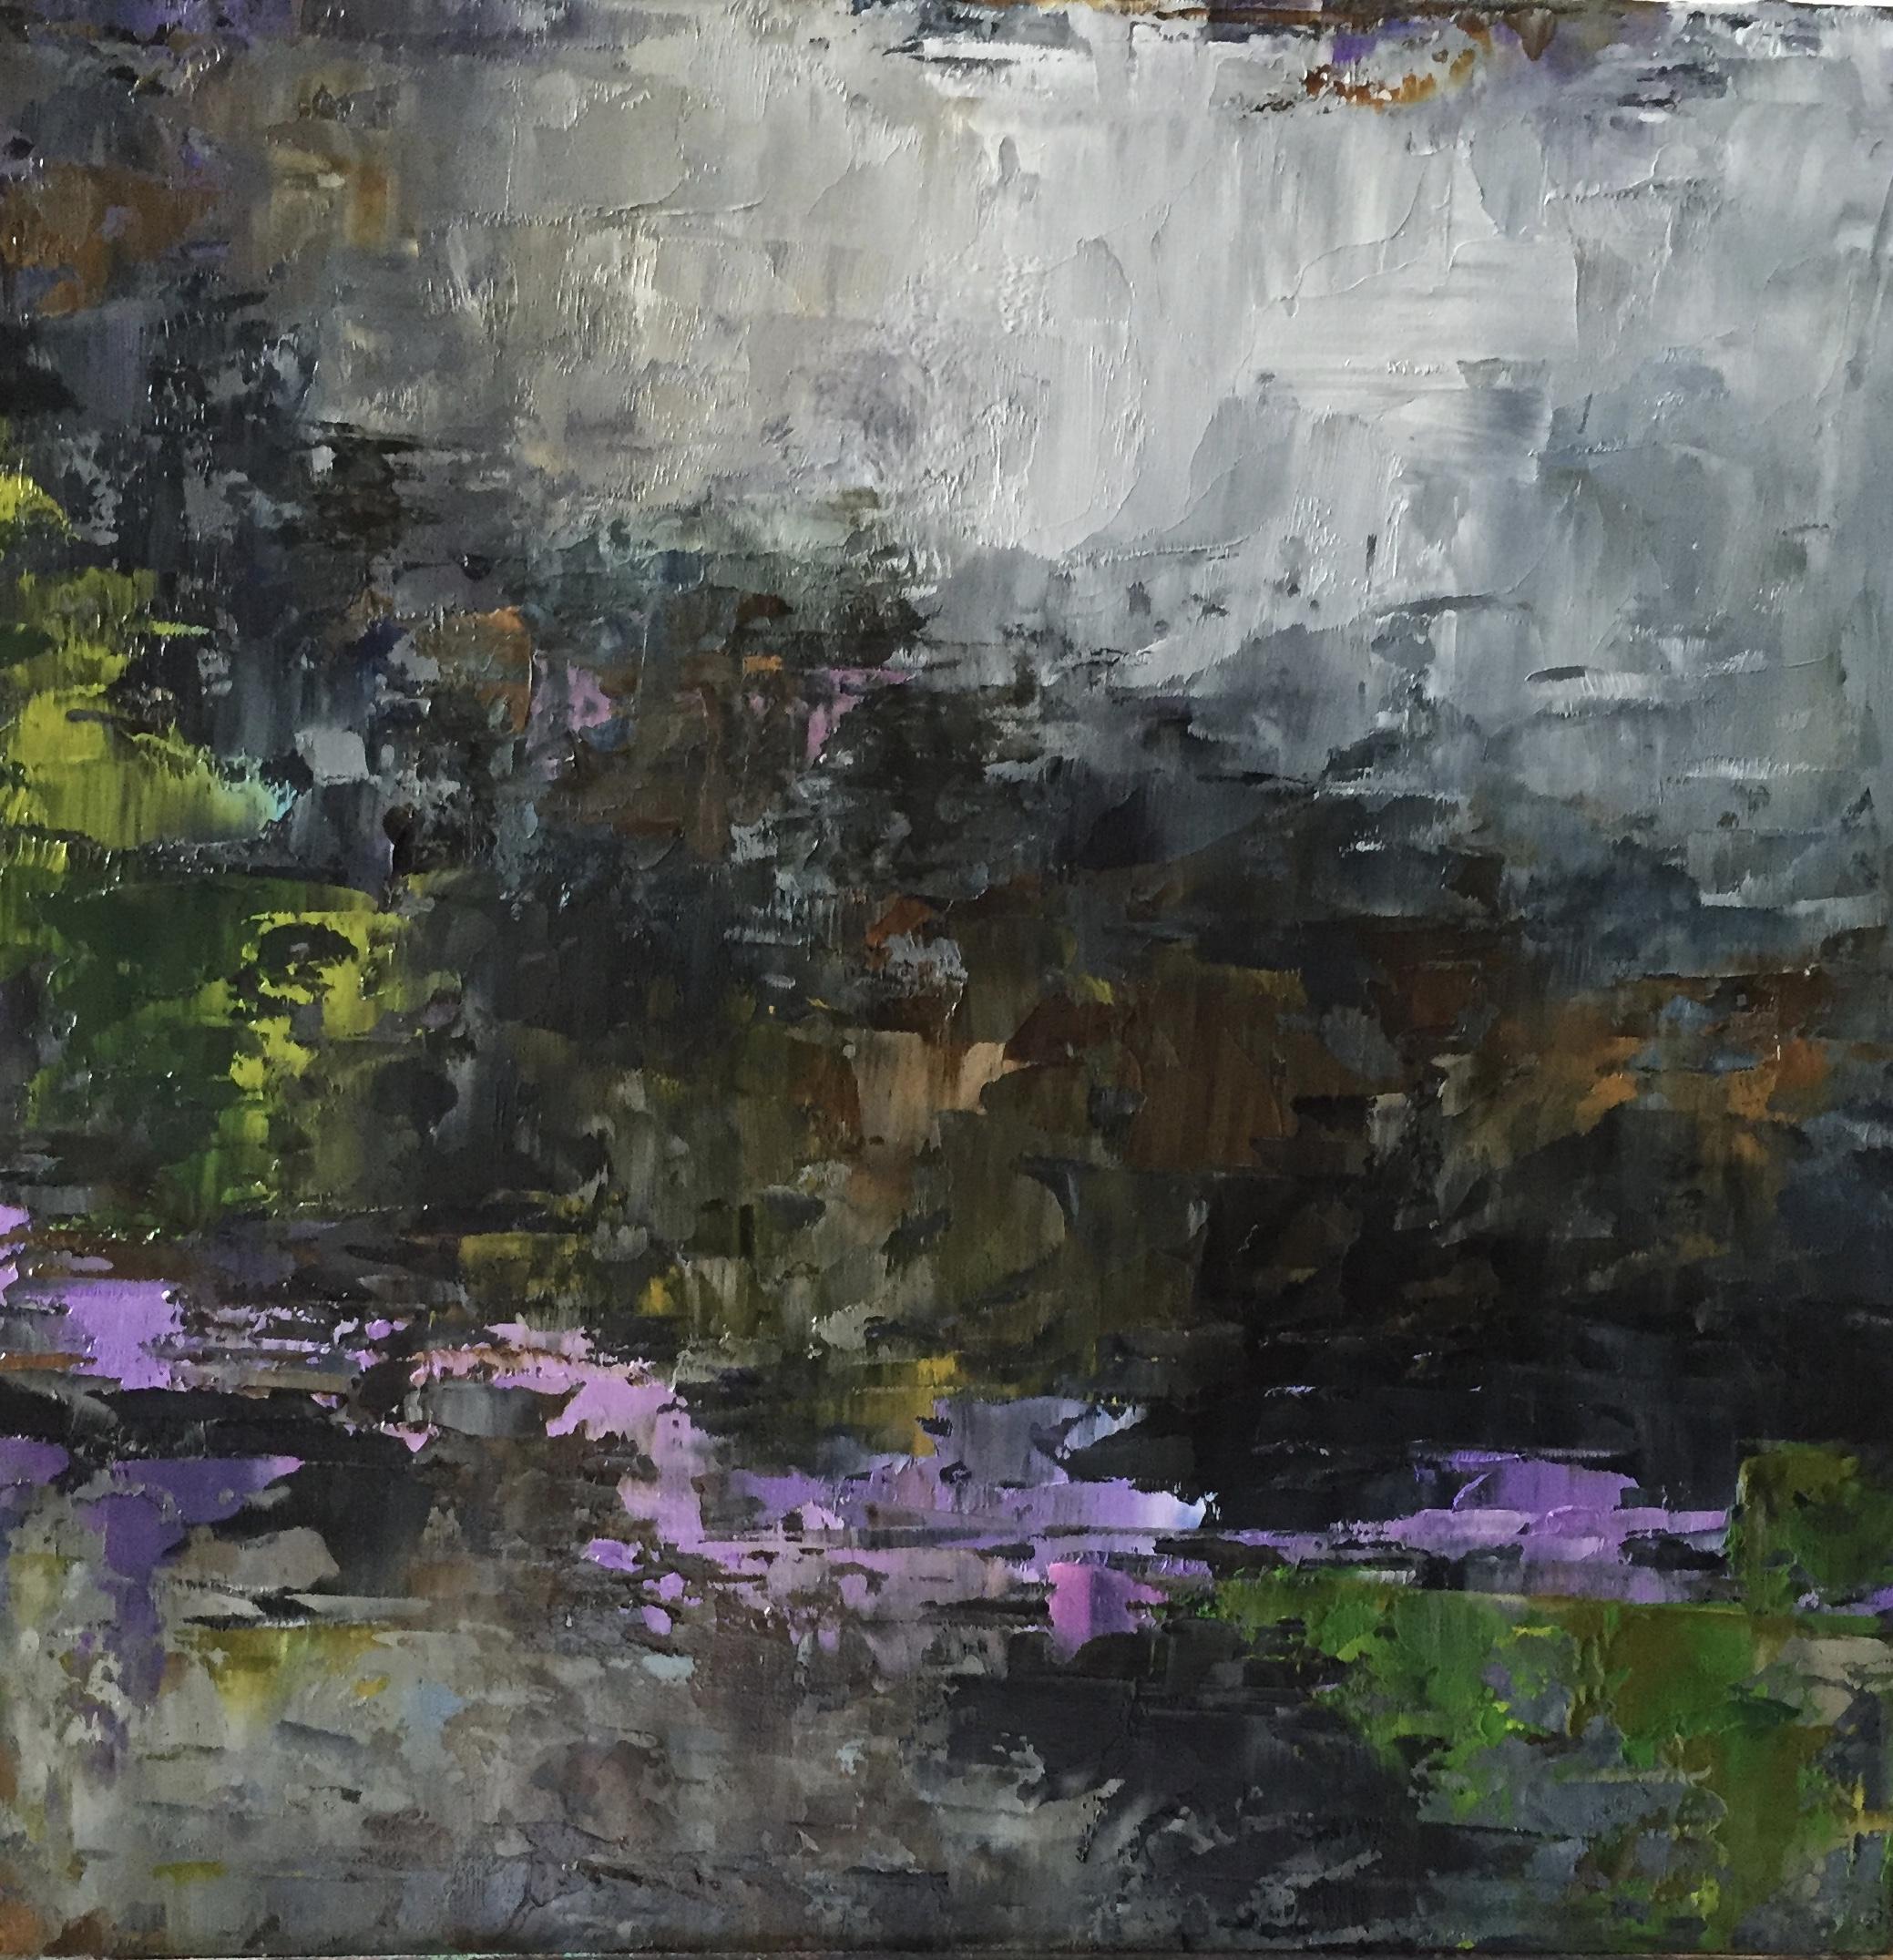 Secret Garden, Oil on Board, 8x8, SOLD